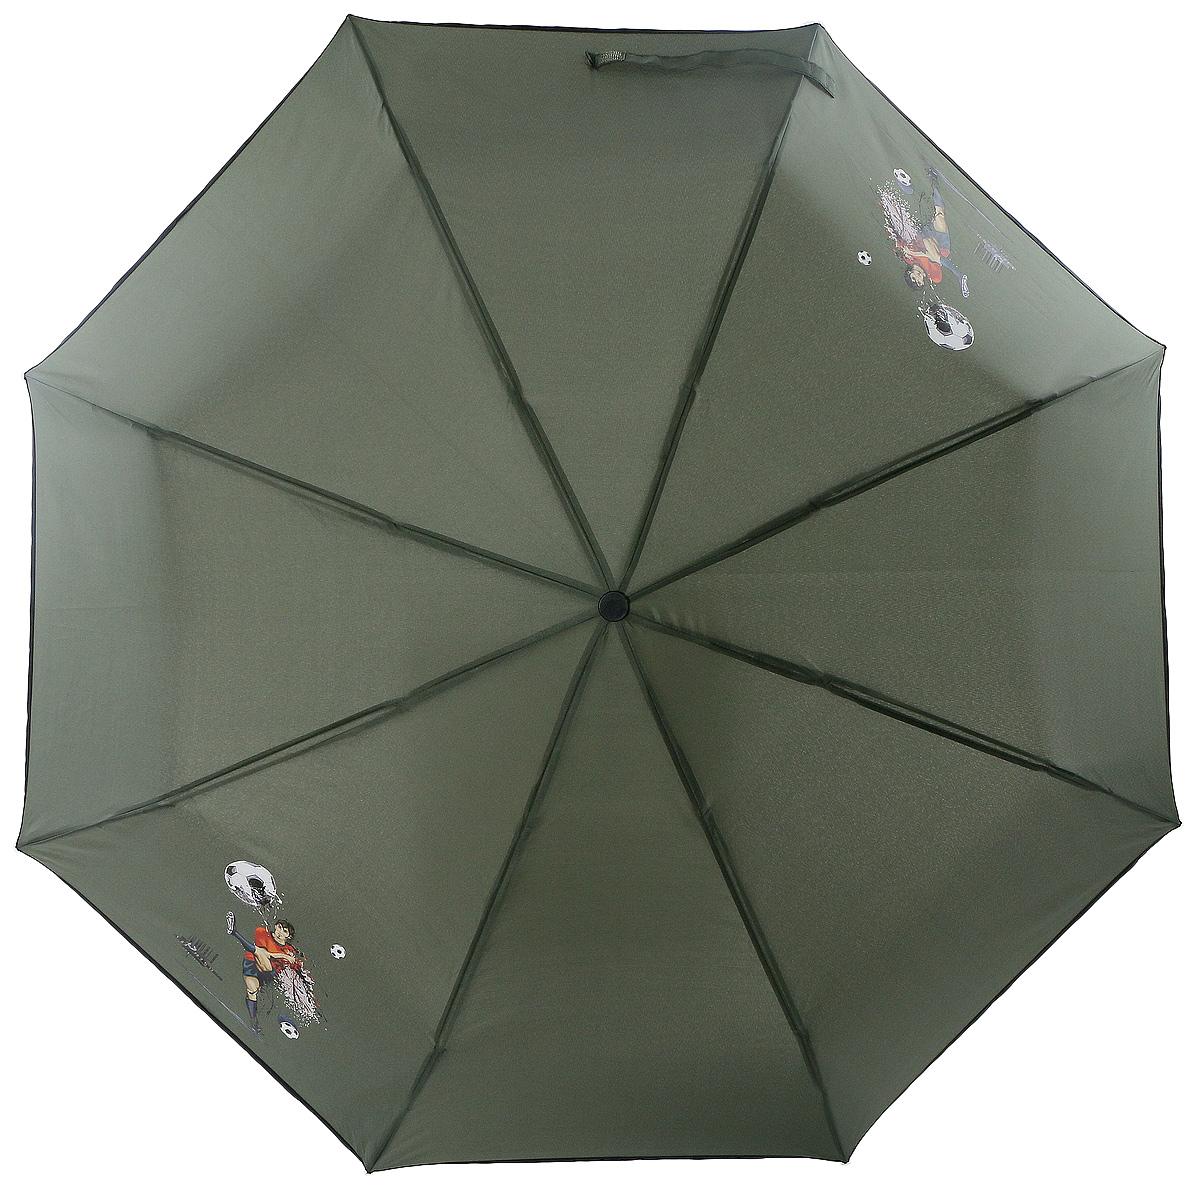 Зонт ArtRain, механический, 3 сложения, цвет: зеленый. 3517-1731 цена и фото